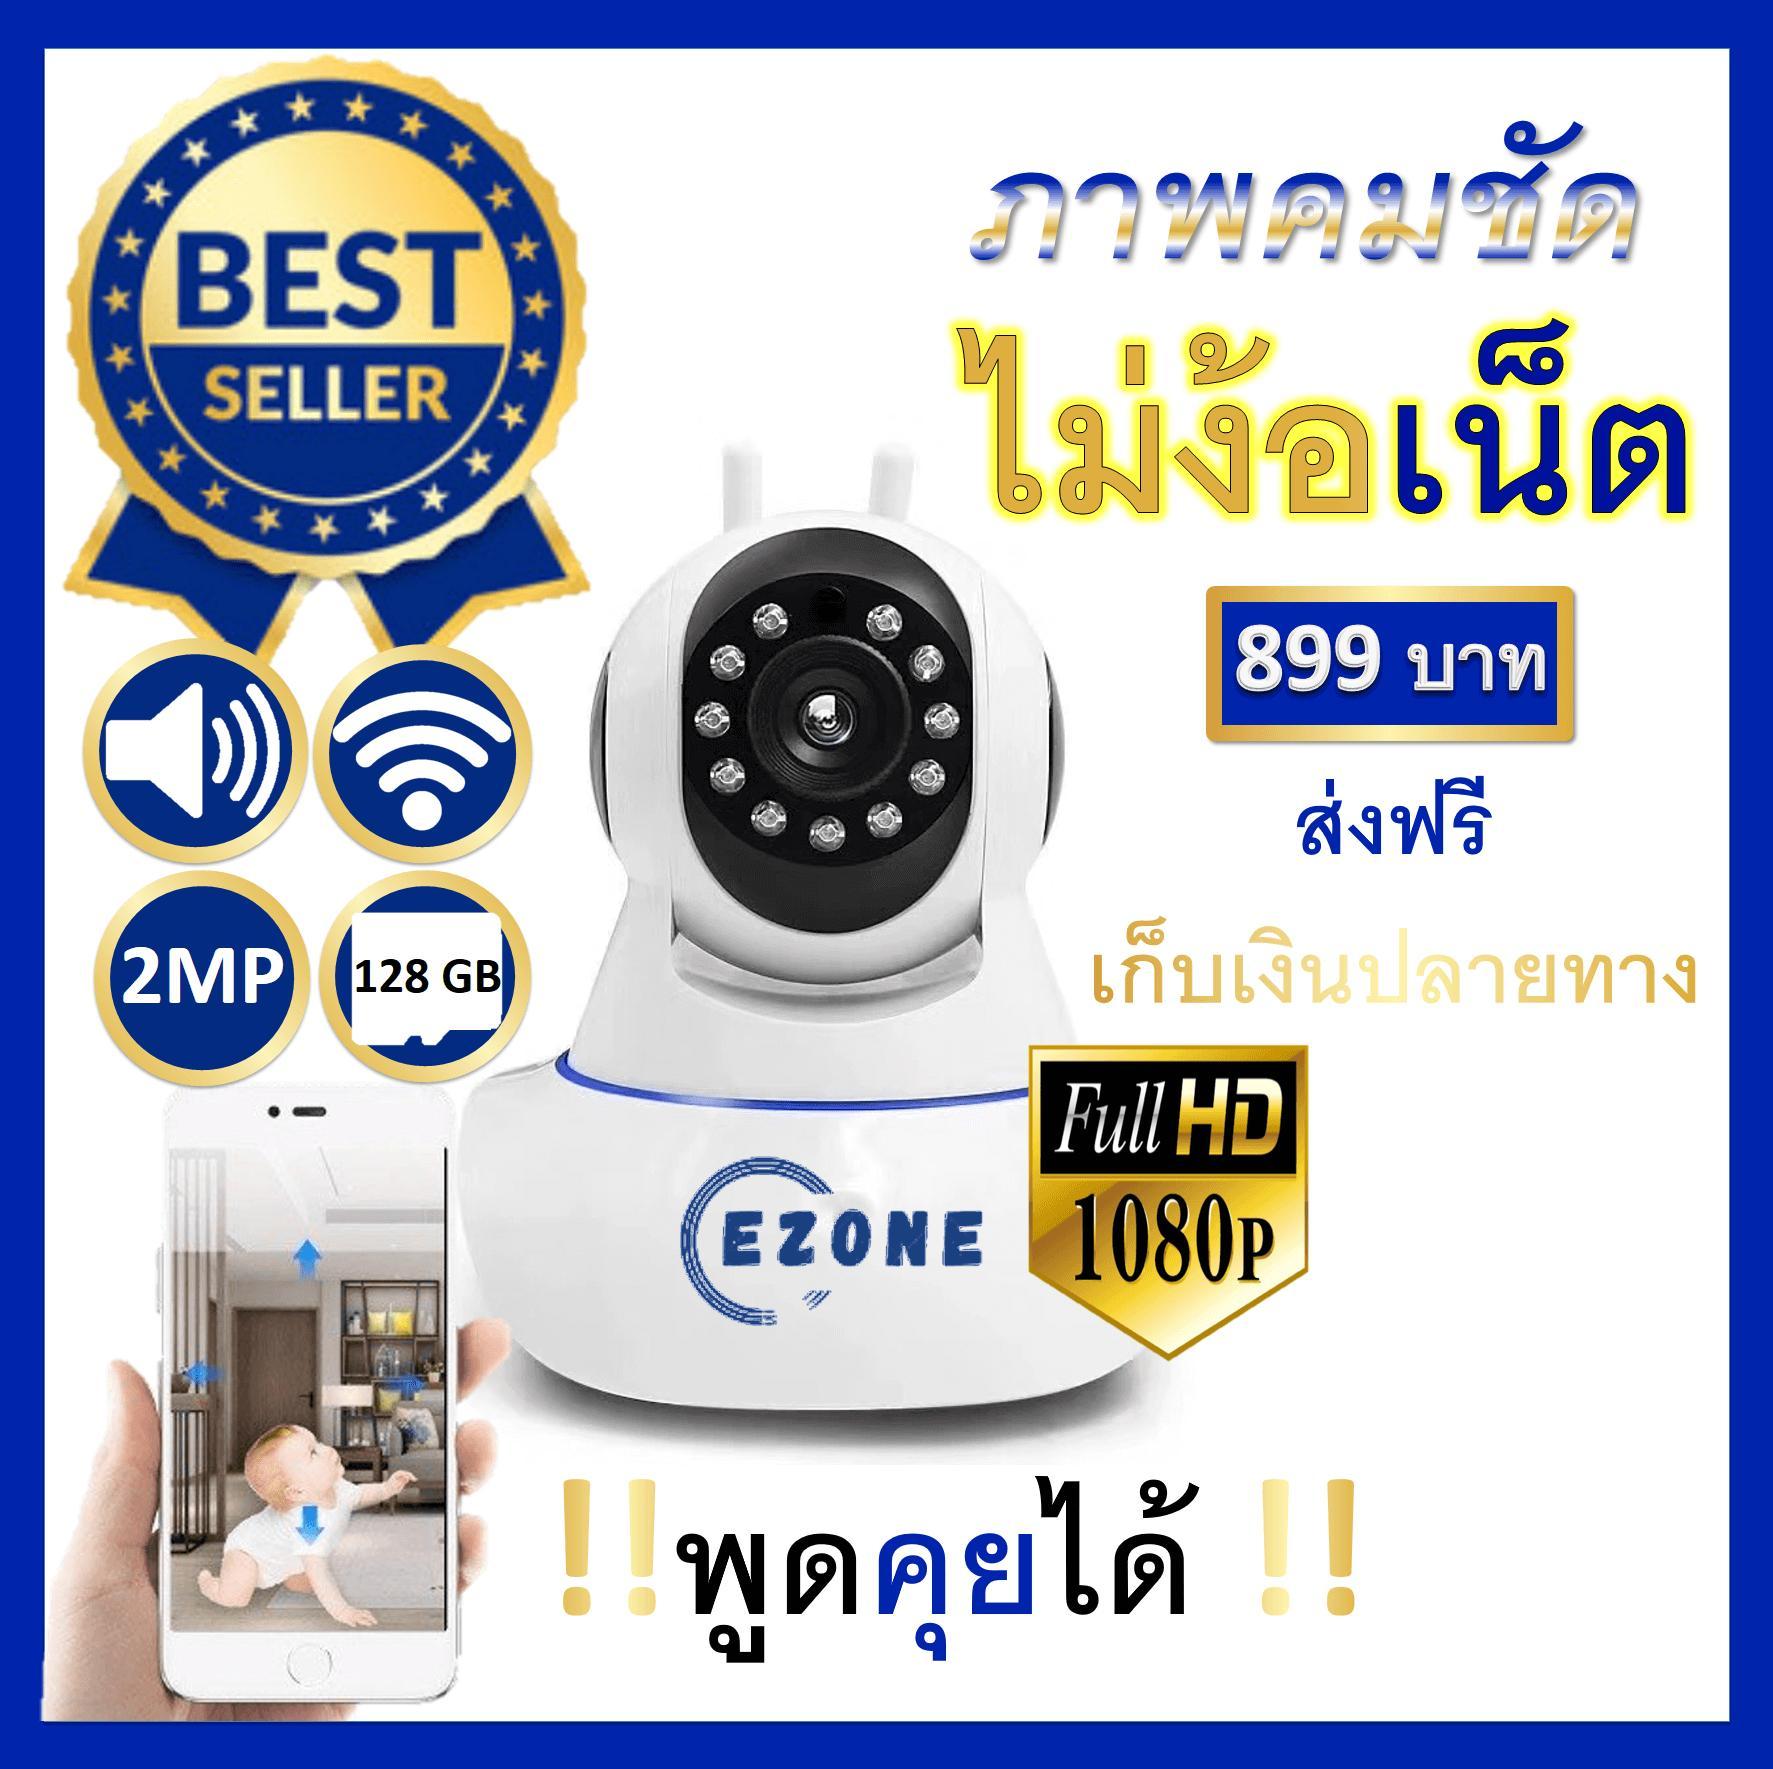 กล้องวงจรปิดไร้สาย ไม่ใช้เน็ต ip camera cctv หมุดได้ 360 องศา hd 2 ล้านพิกเซล จับการเคลื่อนไหว กล้อง อินฟาเรด ระยะไกลแบบ Real Time ผ่านโทรศัพท์มือถือ ติดตั้งง่าย มีคู่มือภาษาไทย ราคาถูก แอบถ่ายพวก ก่อกวน ลูกน้อง แฟน กิ๊ก คนร้าย เพื่อนรักโหด จับทุจริต โขมย